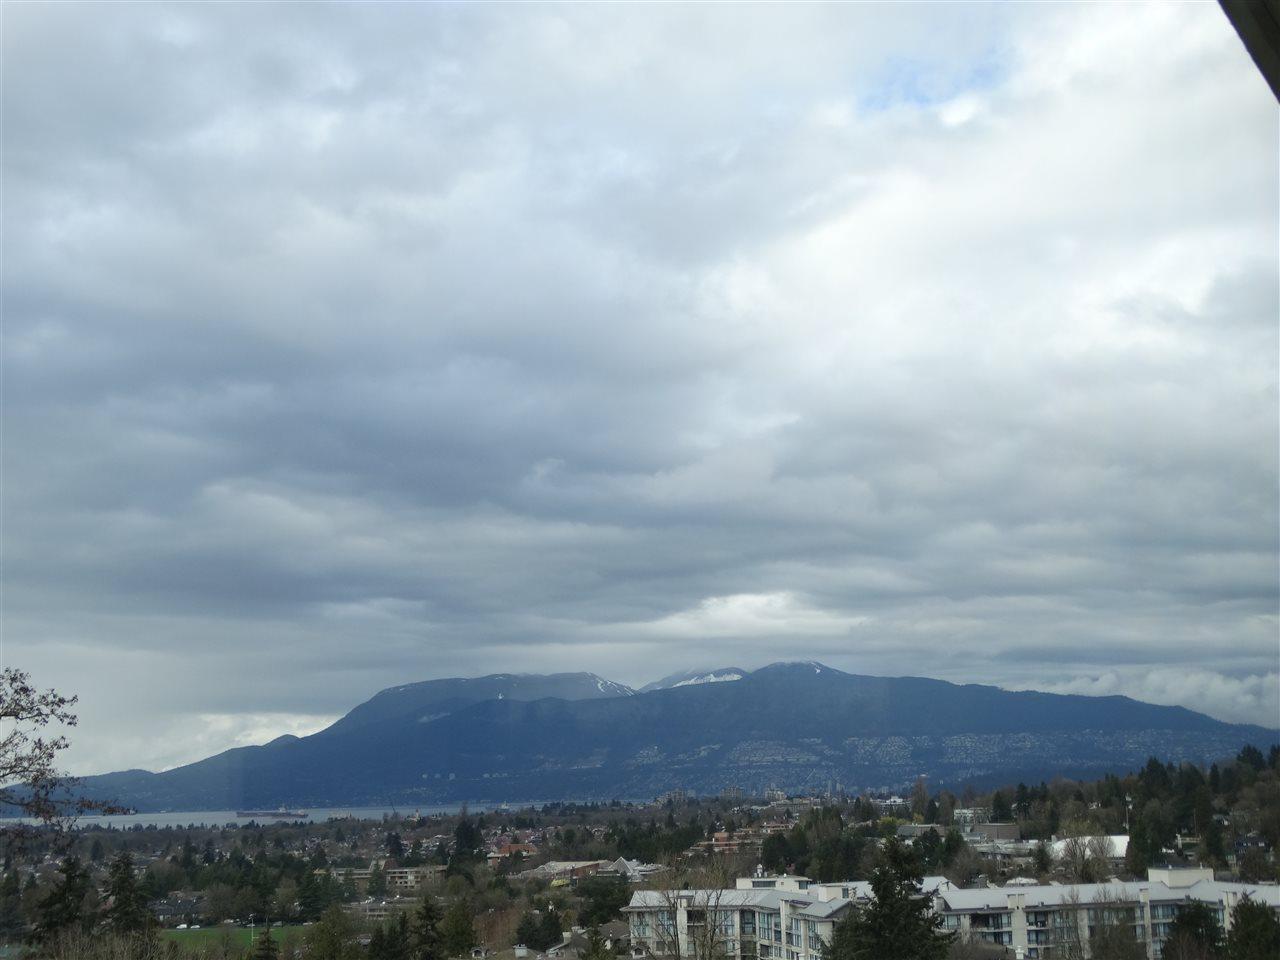 1997 W 35TH AVENUE, Vancouver, BC V6M 1H8